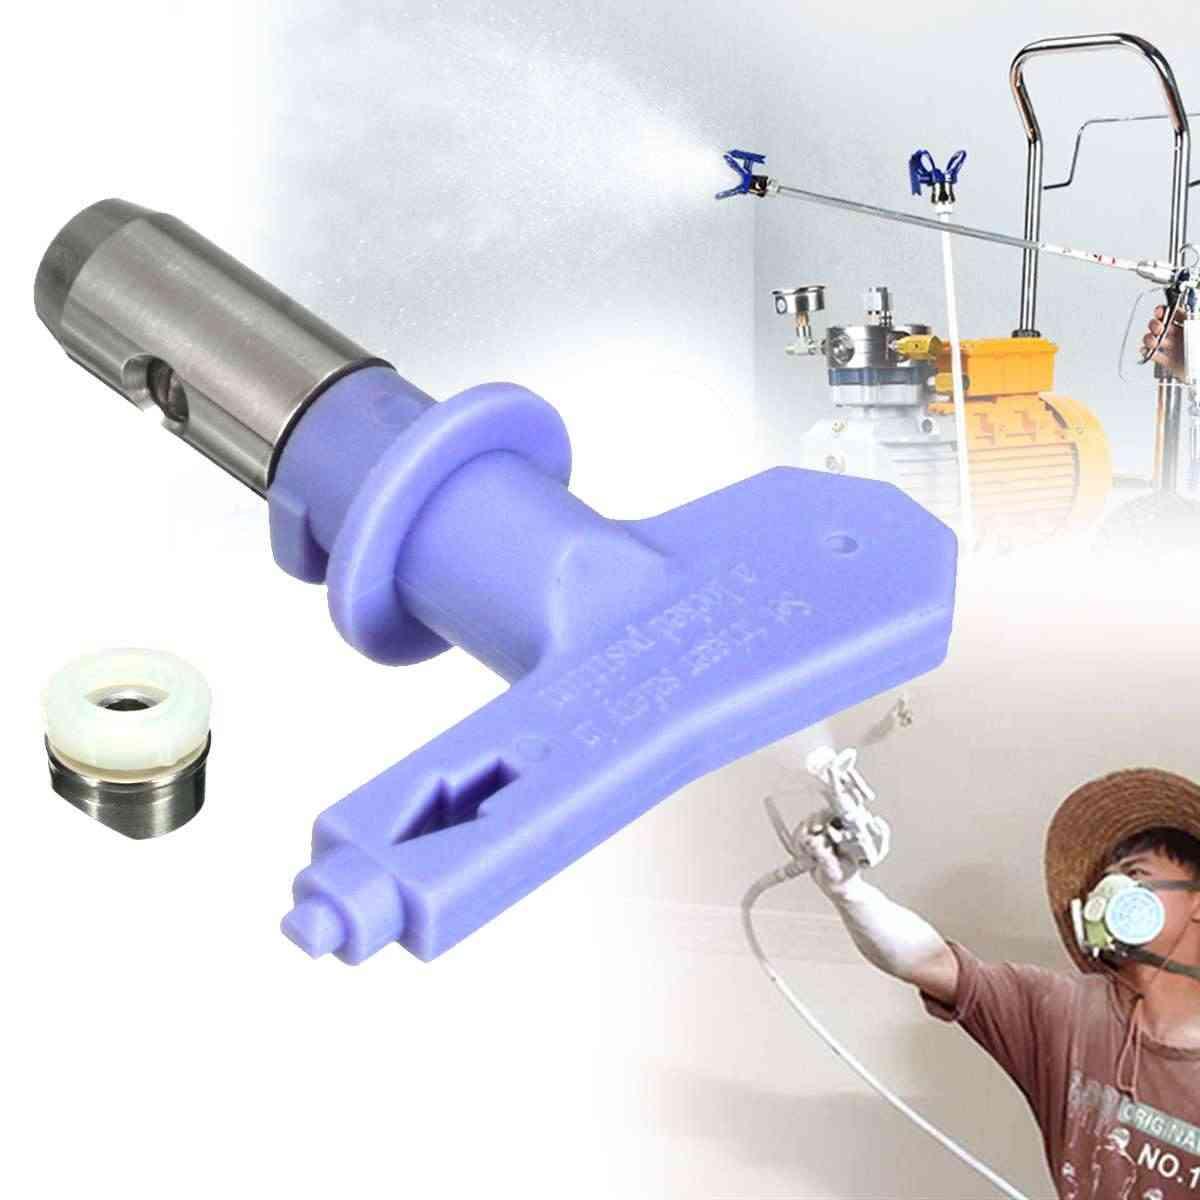 Mor Serisi 4 Airbrush Memesi Boyama Havasız Boya Püskürtme G un İpucu Toz Kaplama Taşınabilir Boya Püskürtücü oto tamir aracı